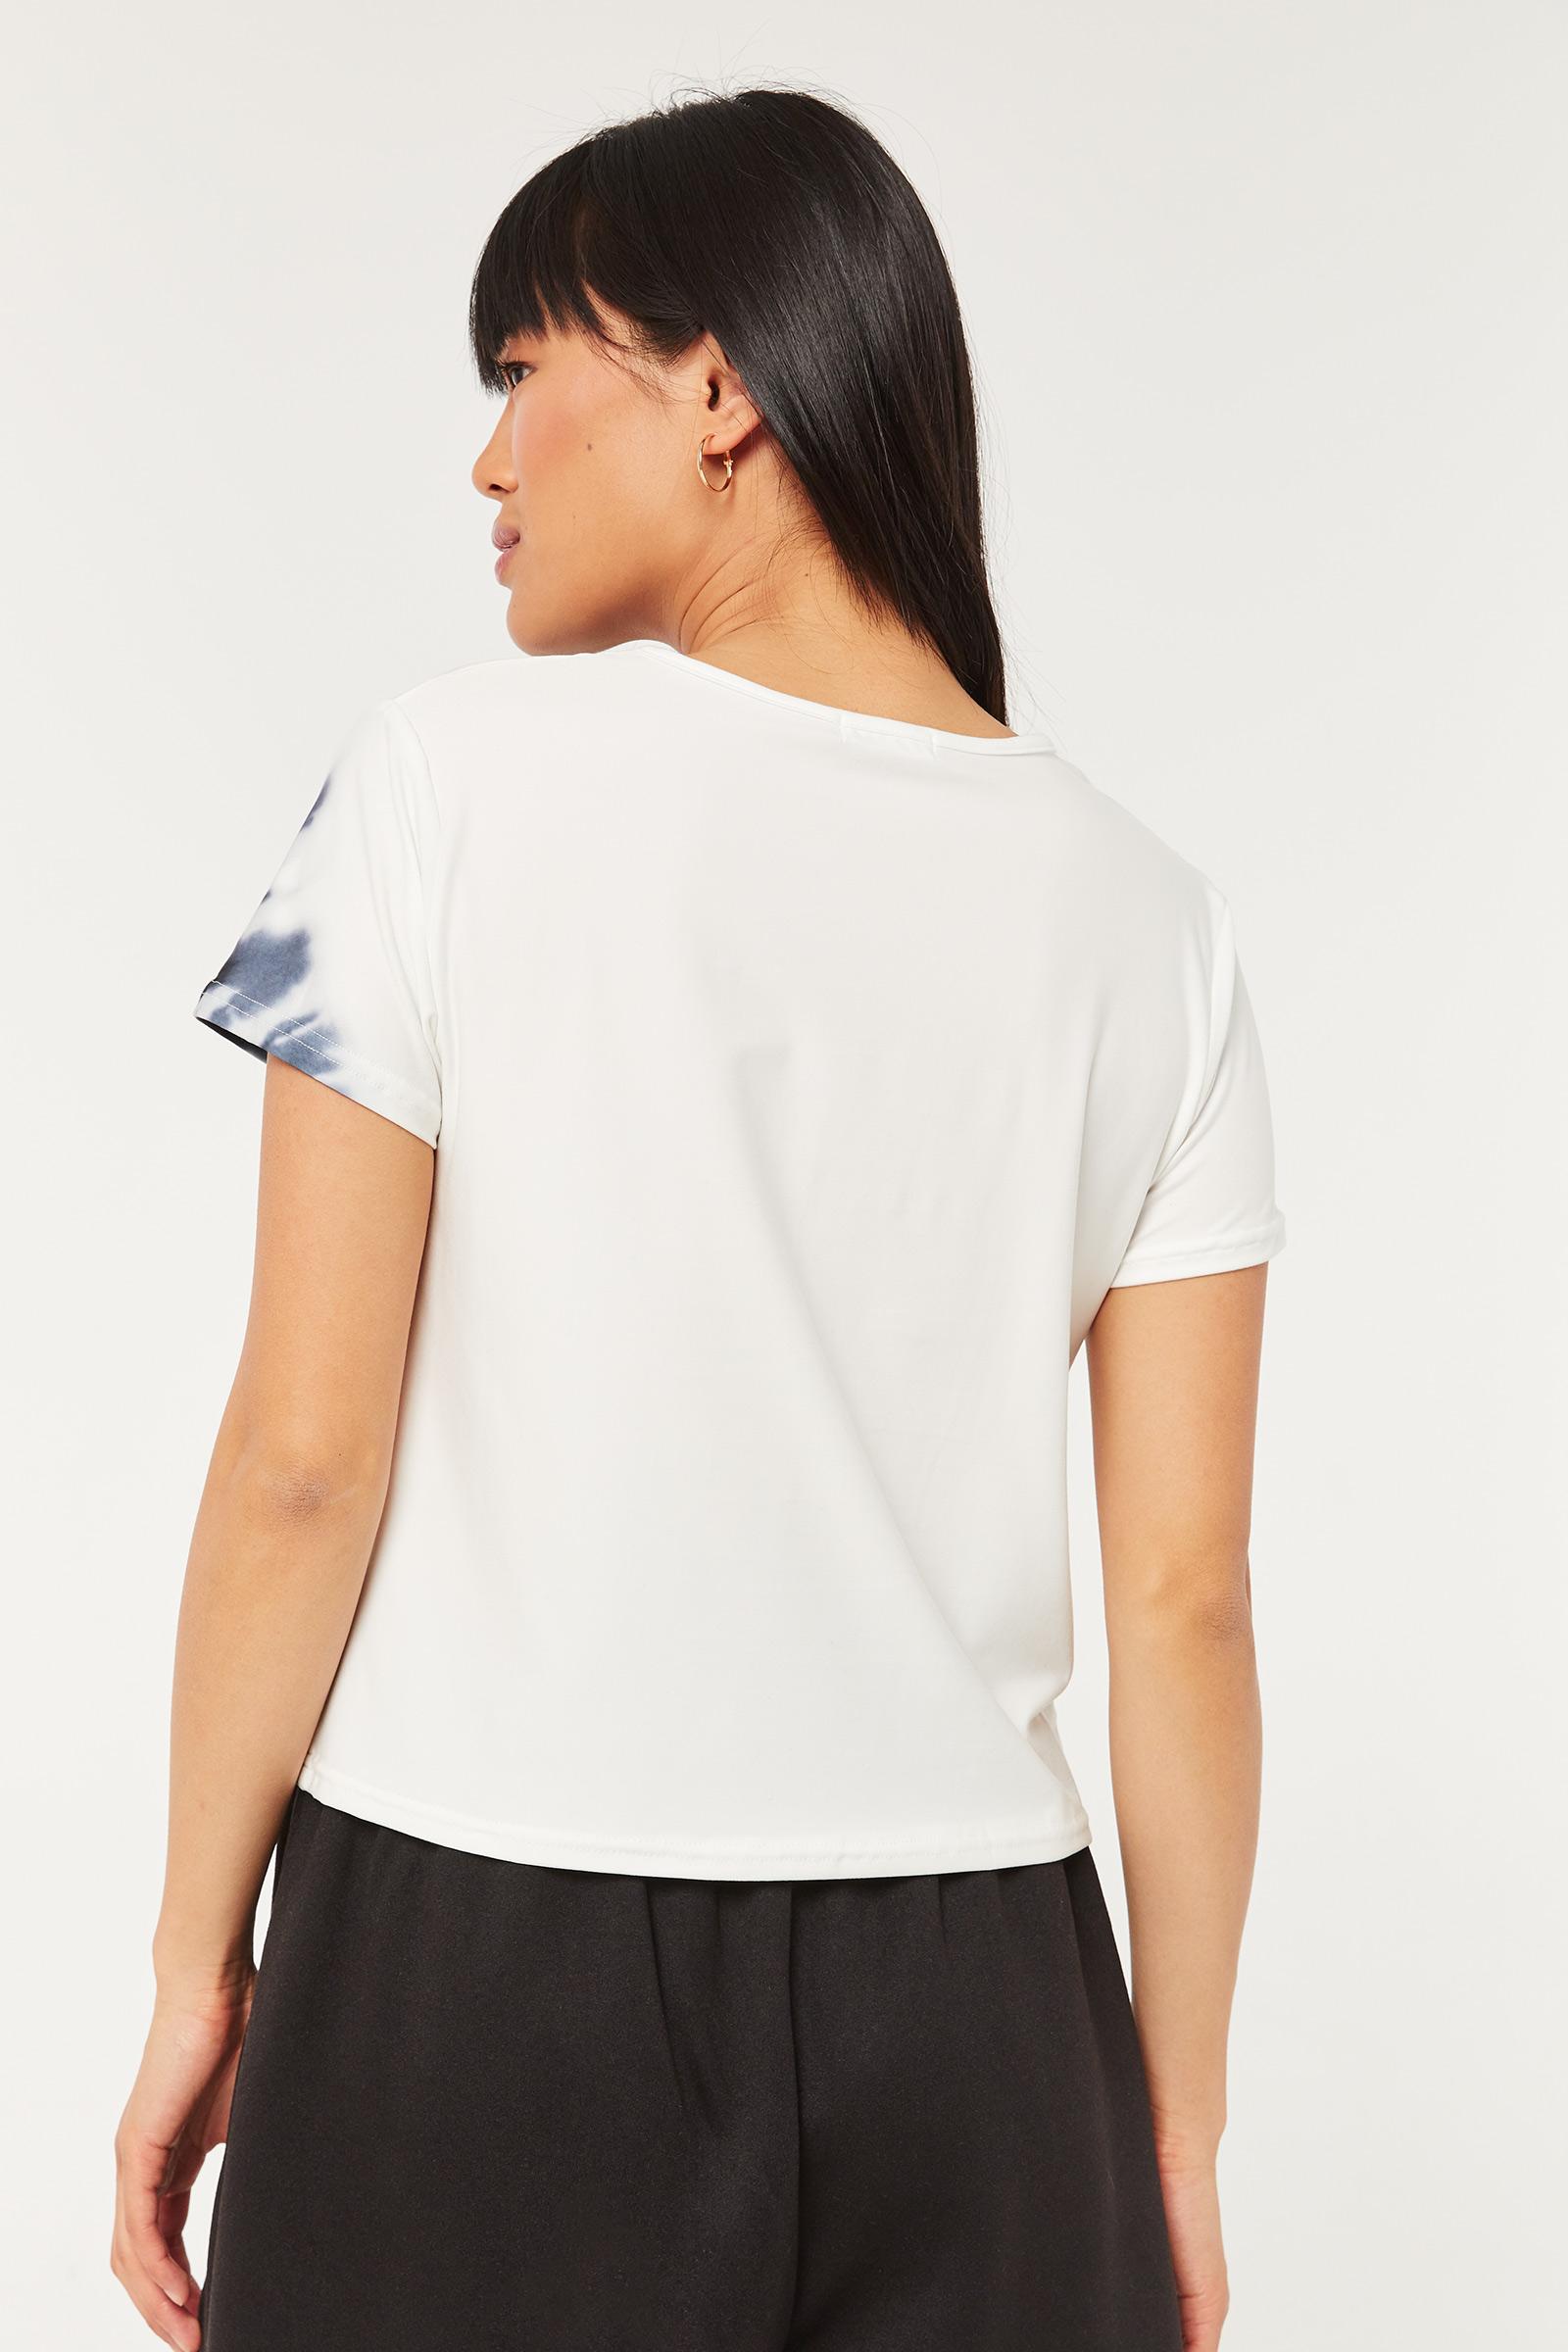 Boxy Tie-Dye T-shirt